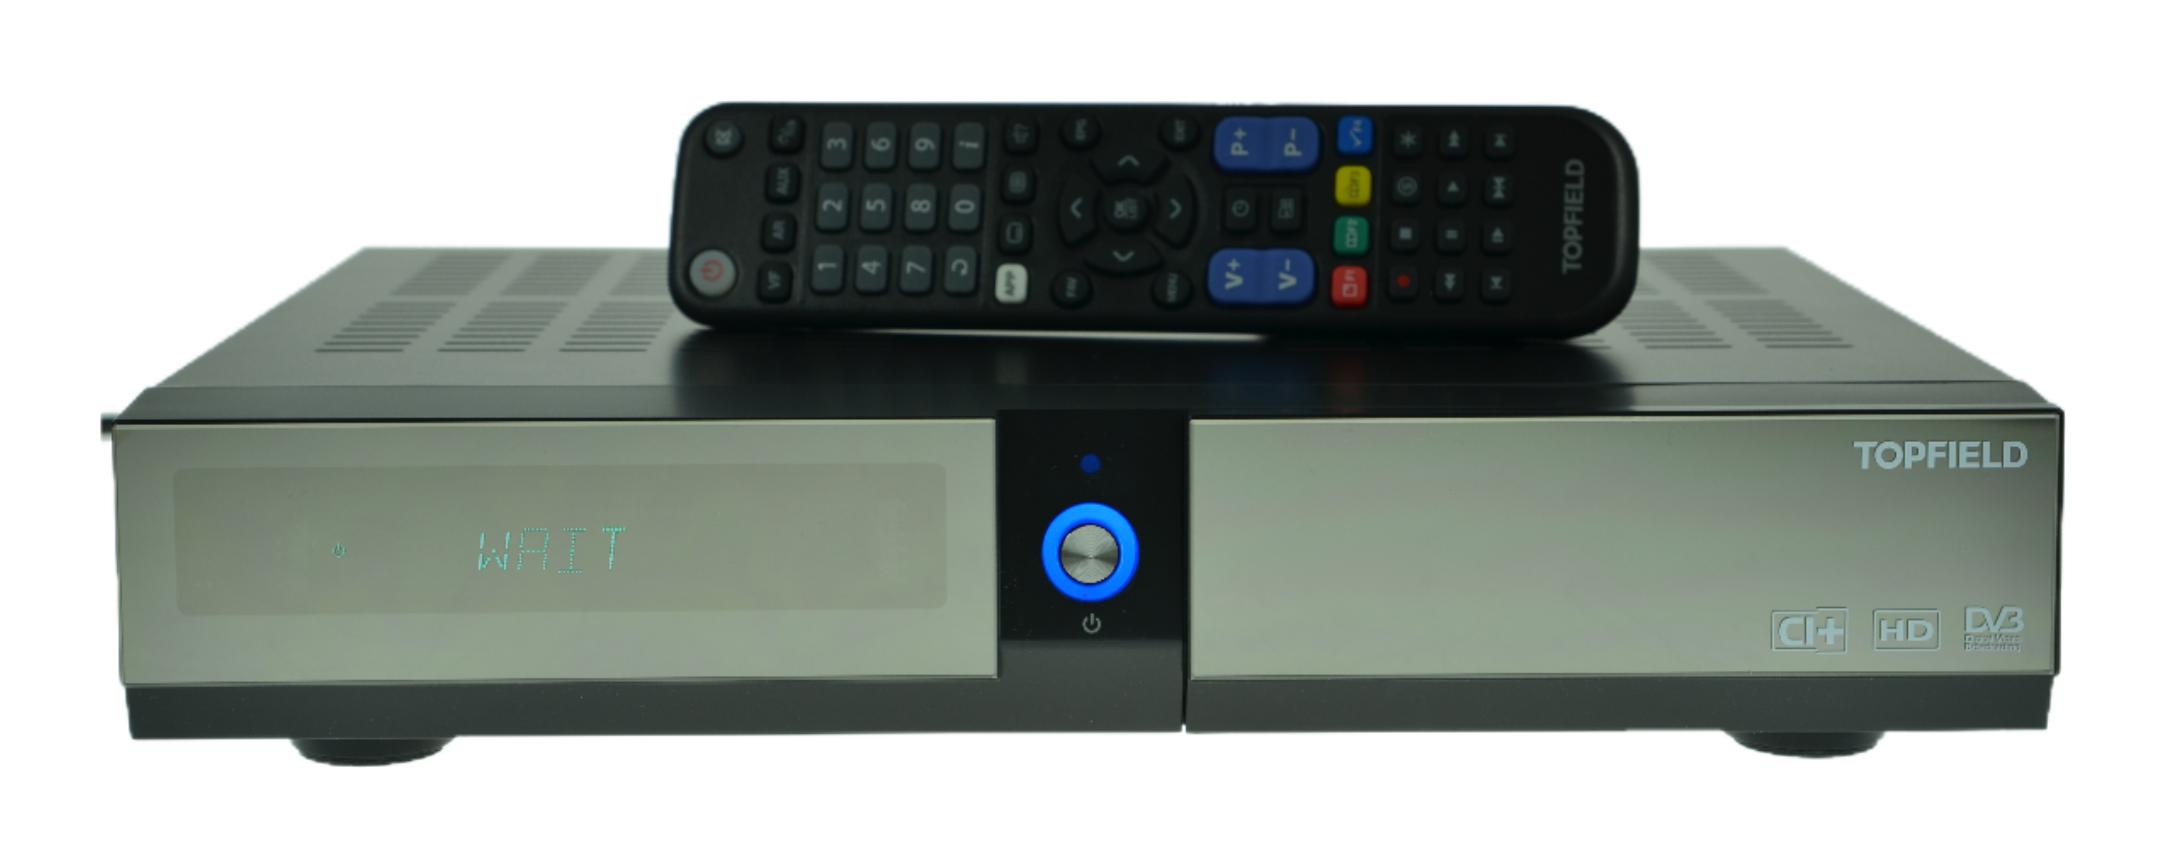 Der CI+ Receiver ECO von Topfield SRP2401 bietet auf der Frontseite ein Informative Anzeige.